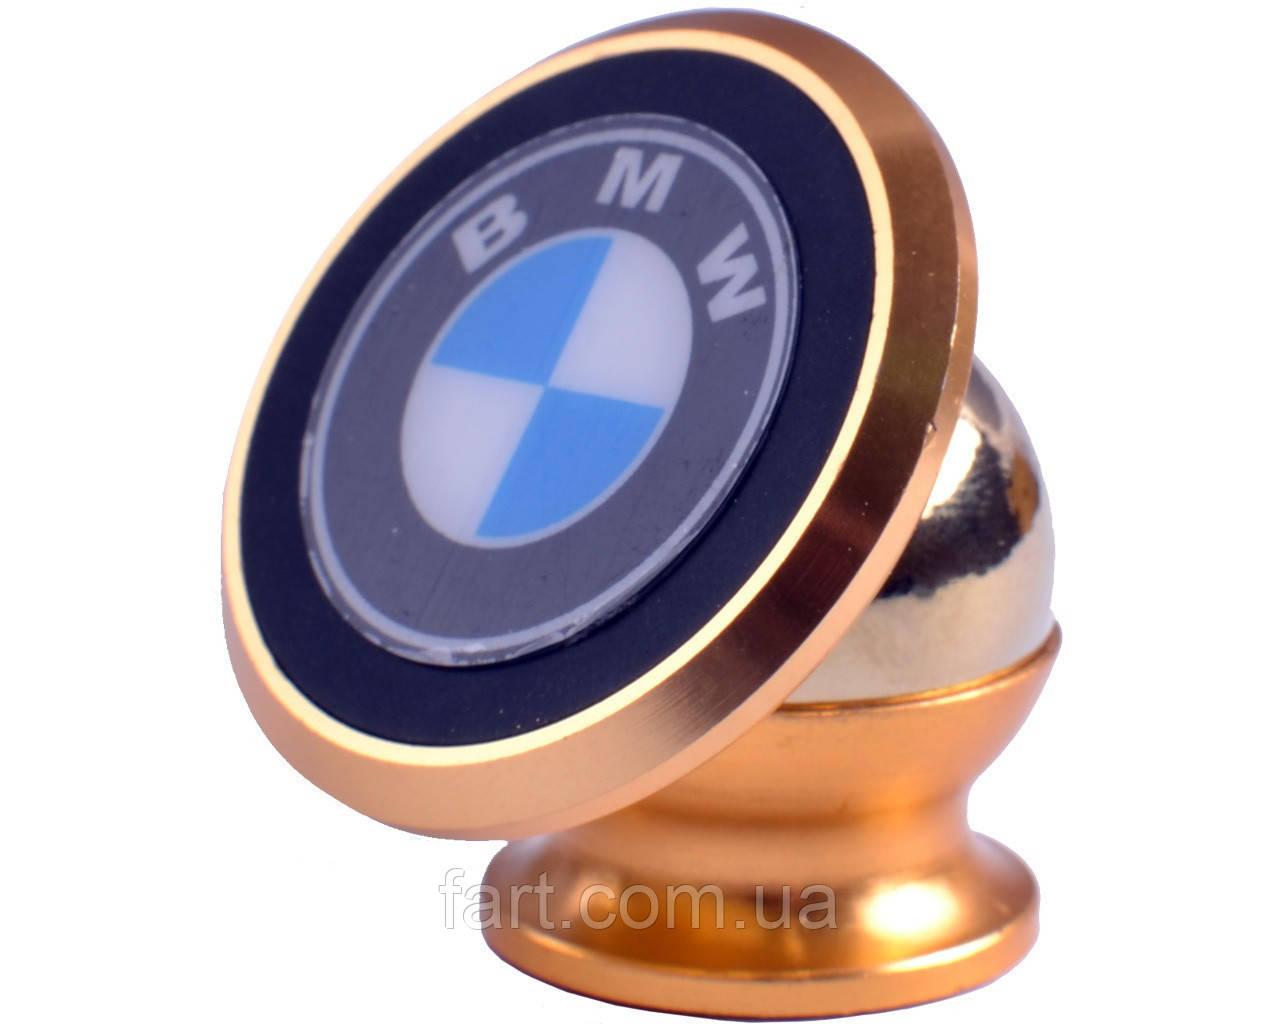 Подставка для телефона магнитная на торпеду Mixcolor+logo